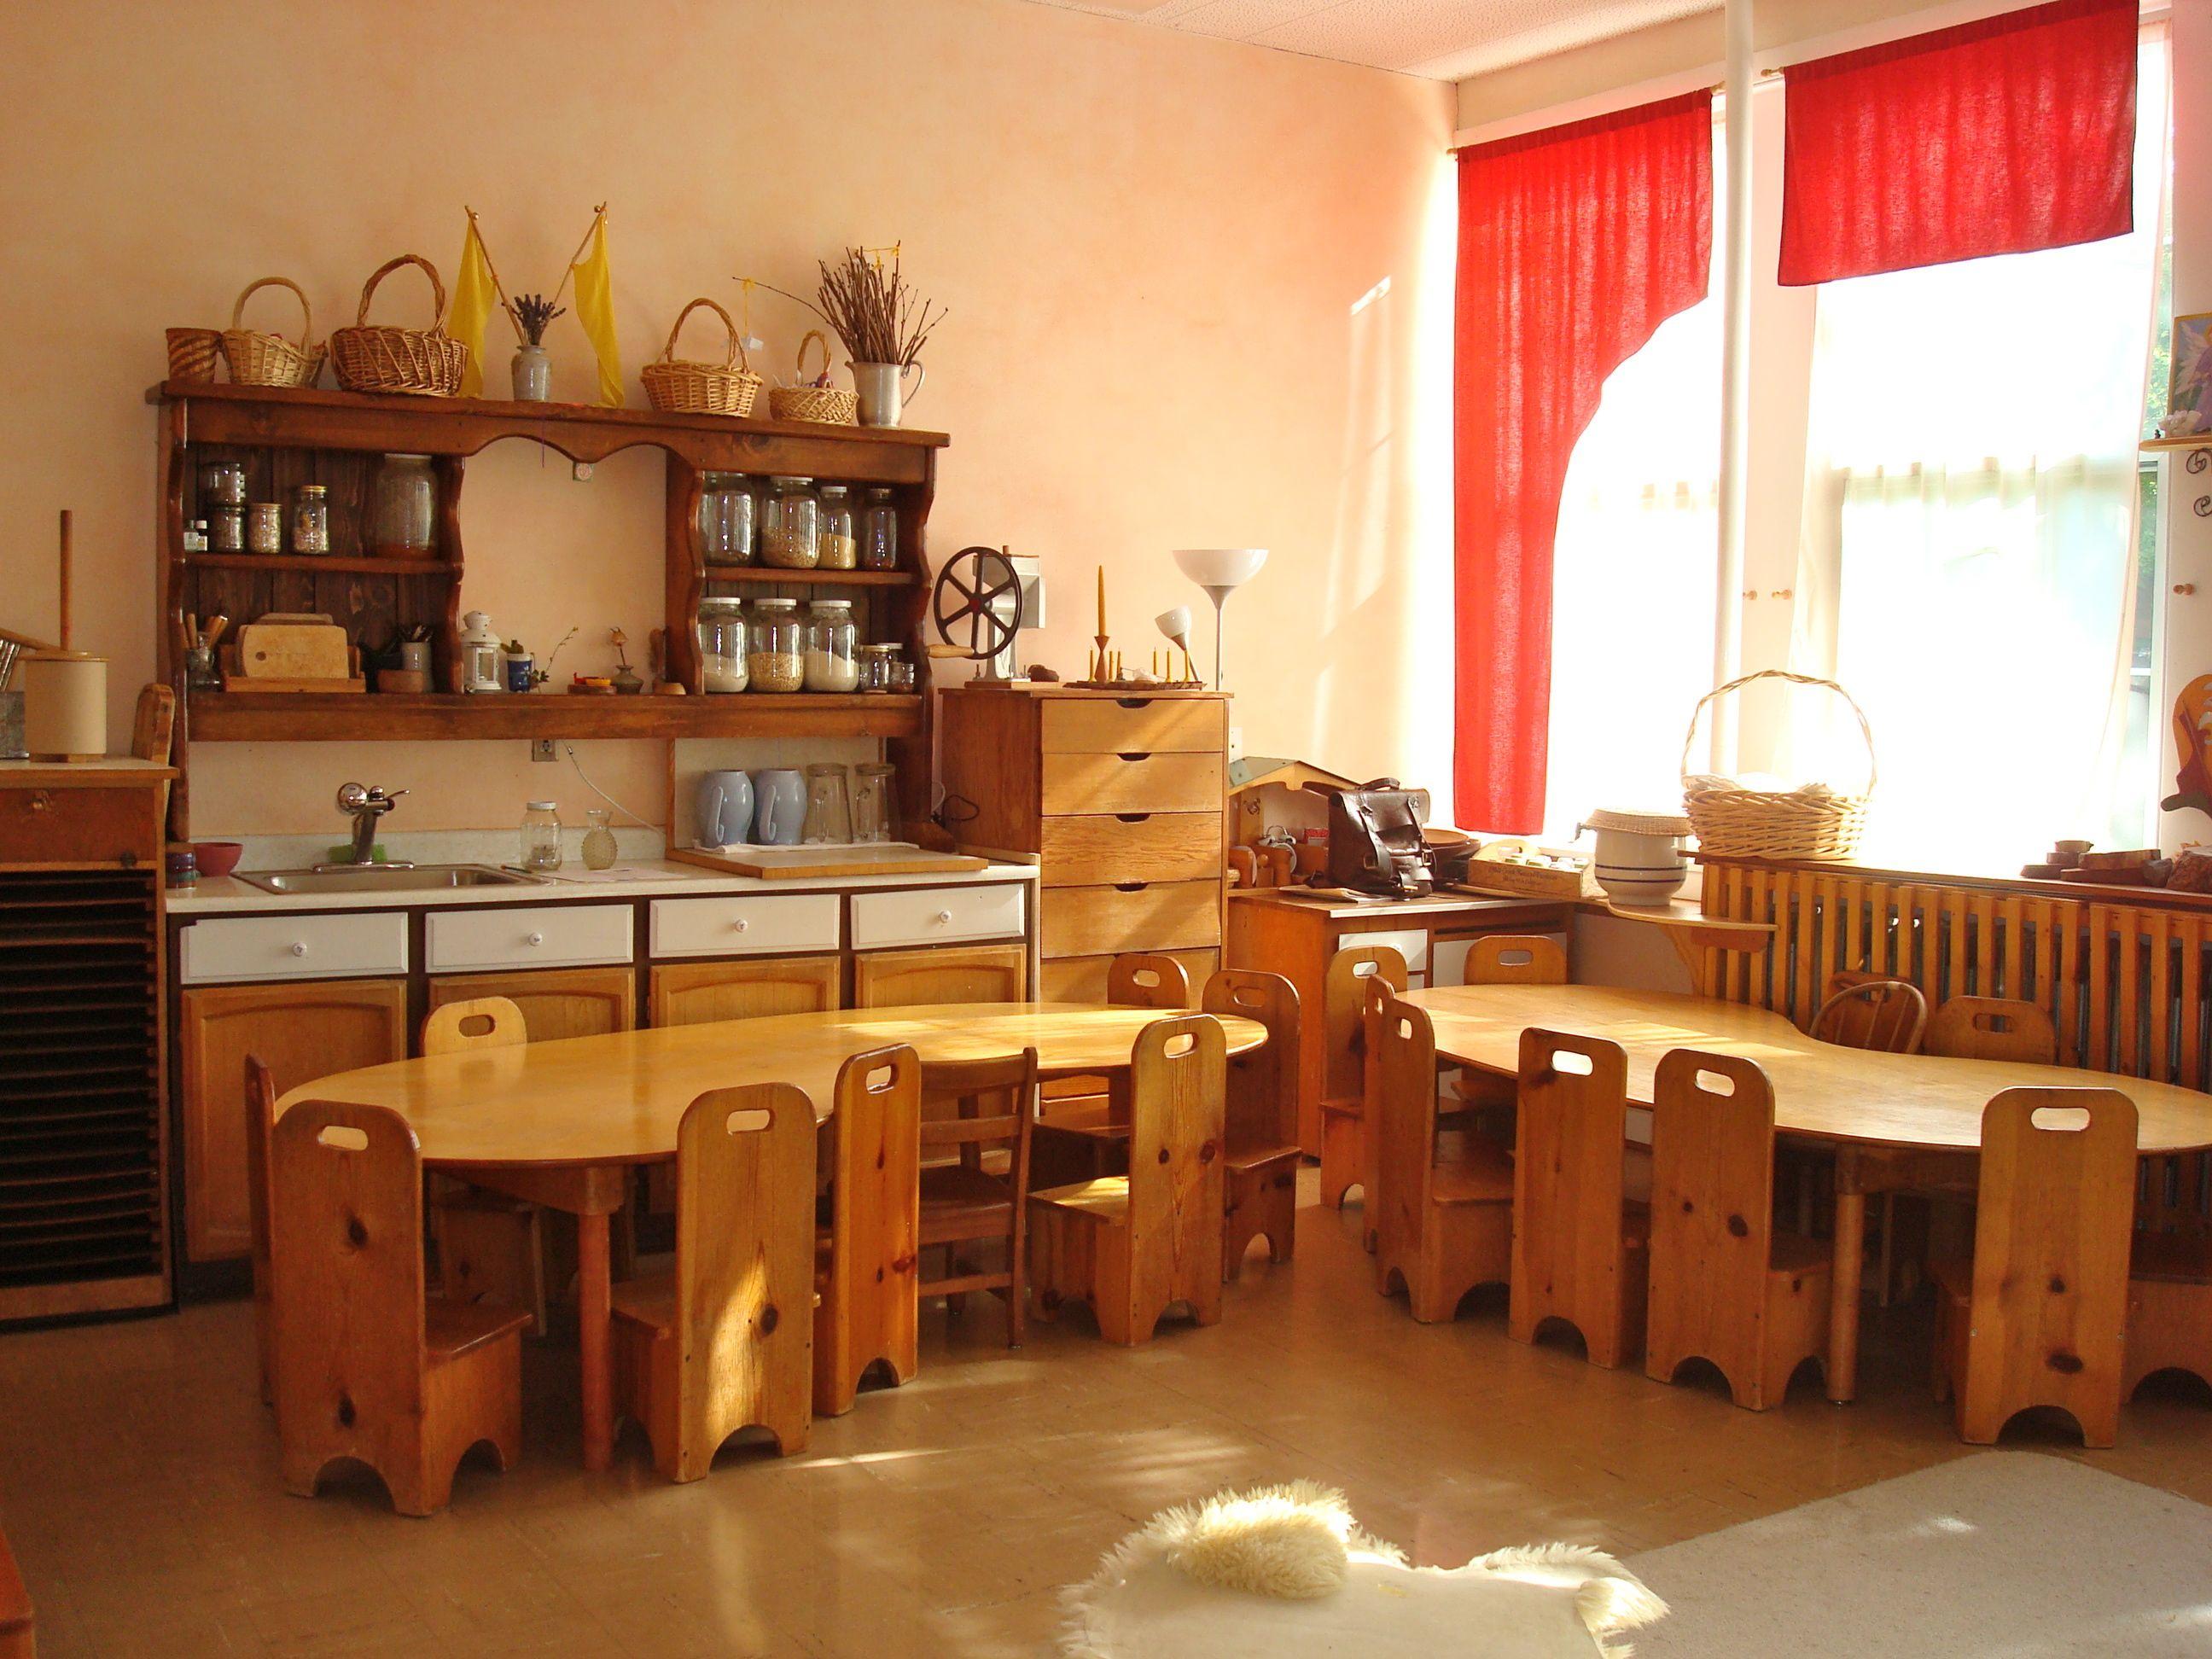 Waldorf Kinderzimmer ~ Kitchen and children s tables waldorf kindergarten